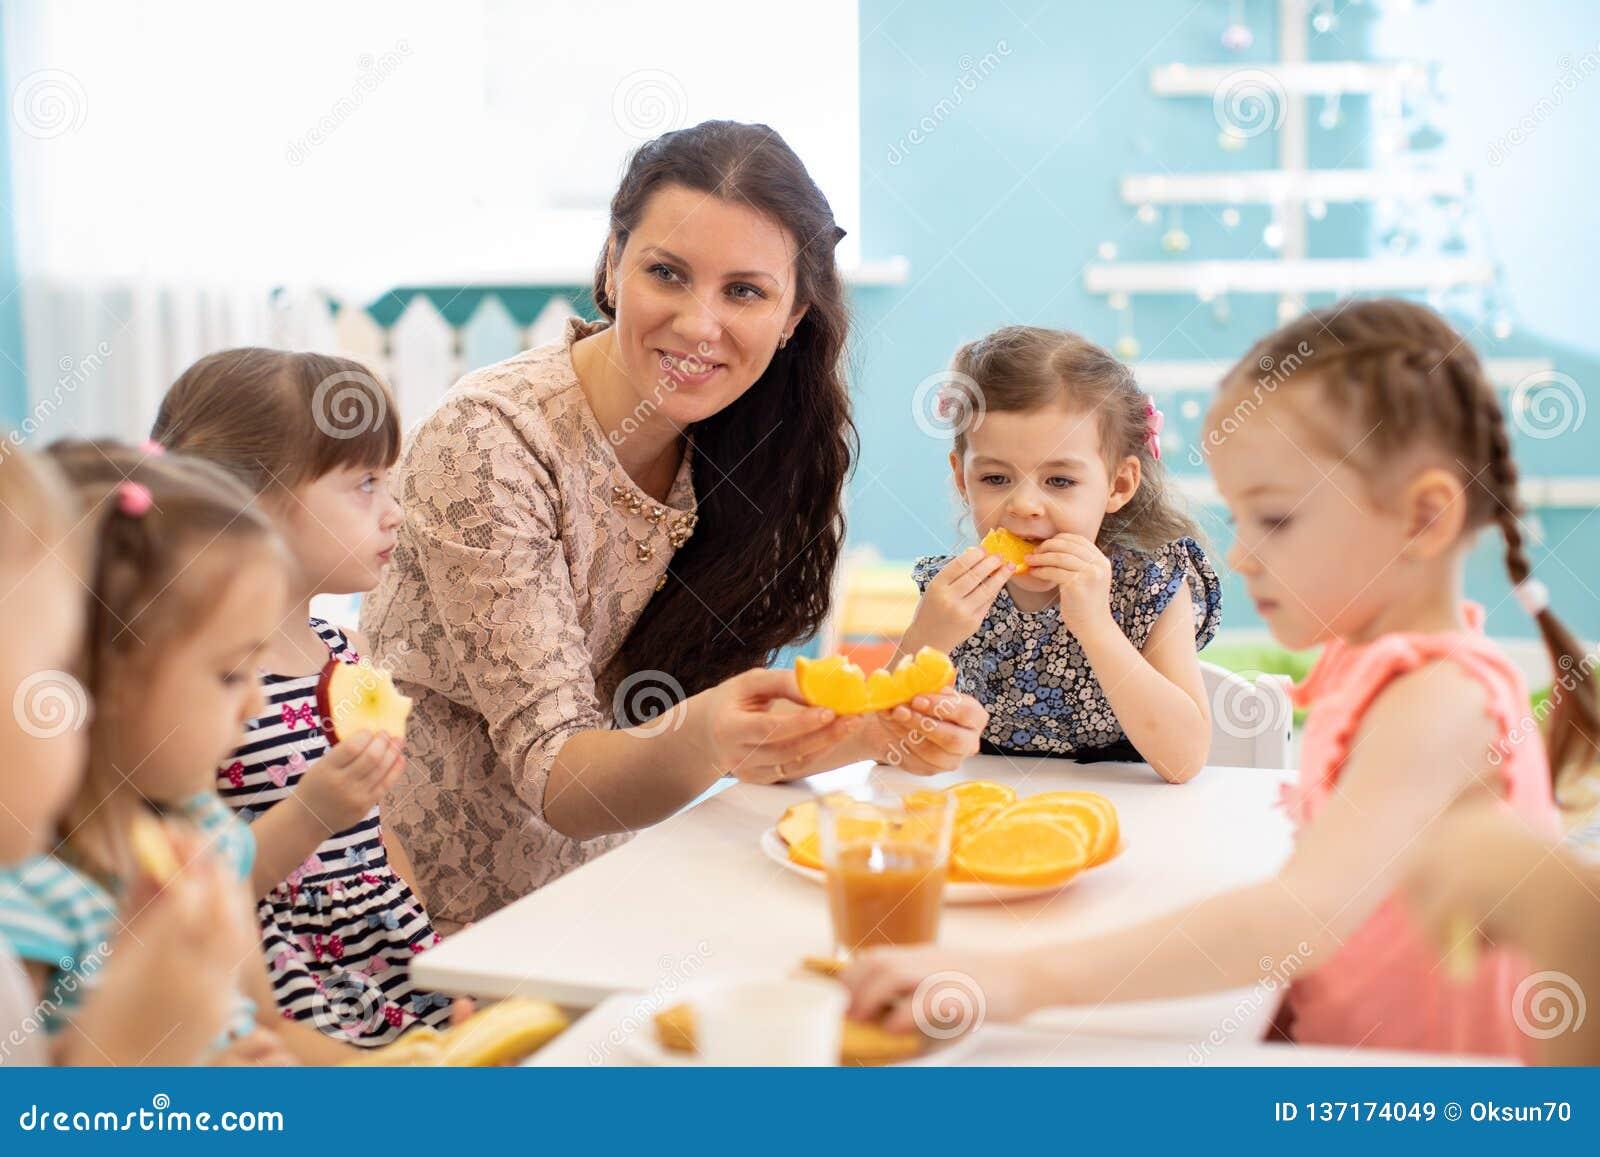 Kinder und Betreuer essen zusammen Frucht als Imbiss im Kindergarten, in der Kindertagesstätte oder im Kindertagesstätte